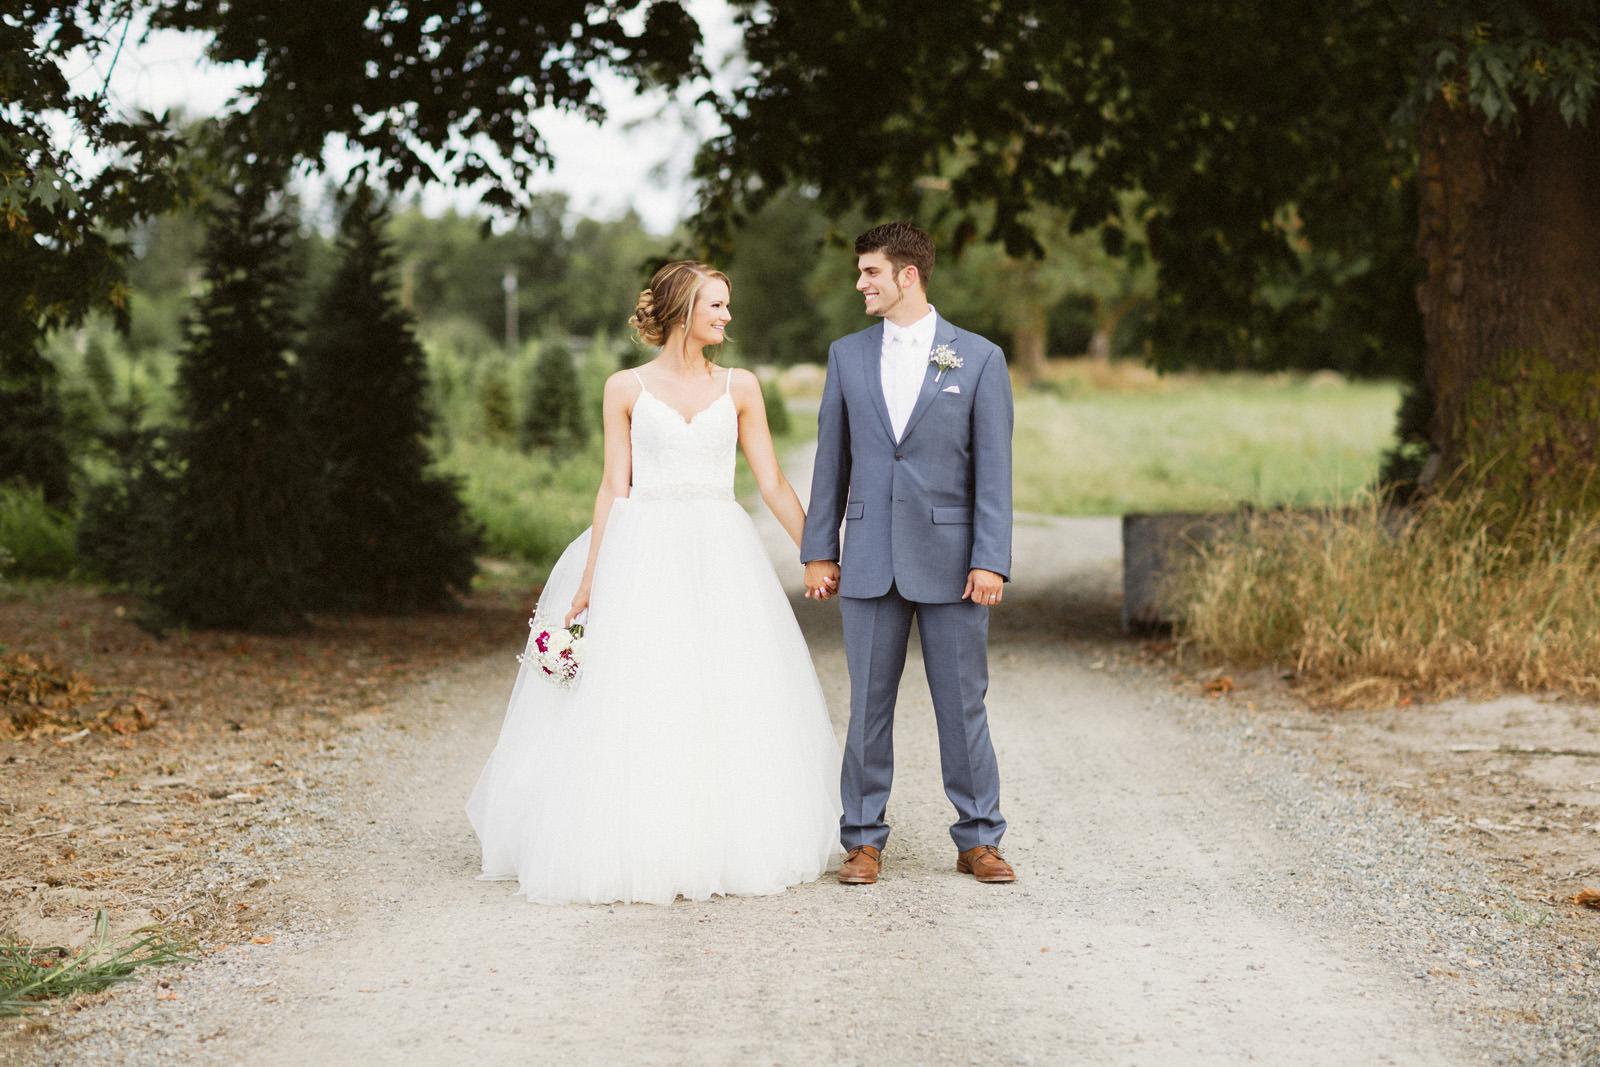 jacobregan-blog-37 SCHILLER FAMILY FARM WEDDING